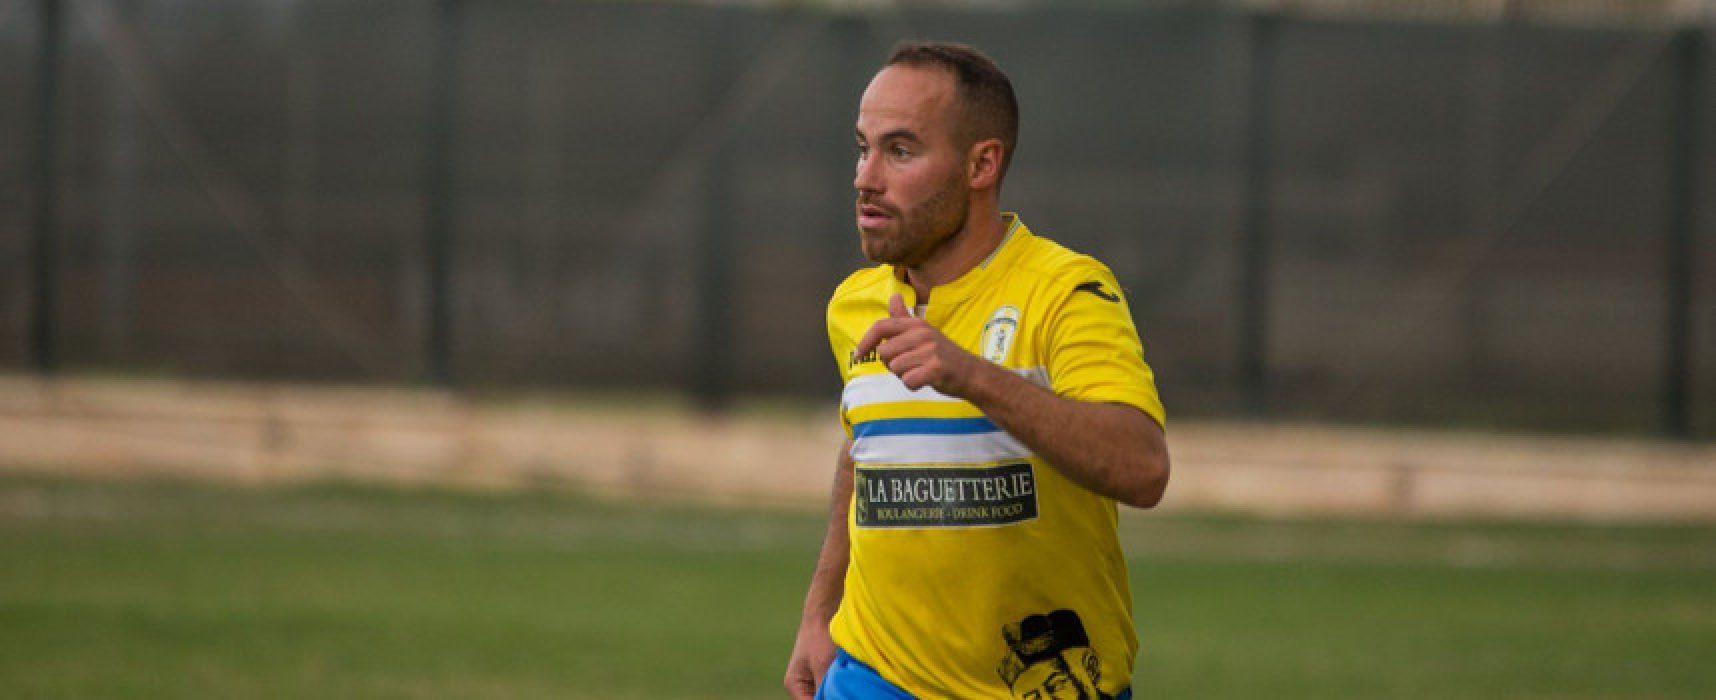 Il Don Uva Calcio torna al successo: vittoria in rimonta contro il Giovinazzo